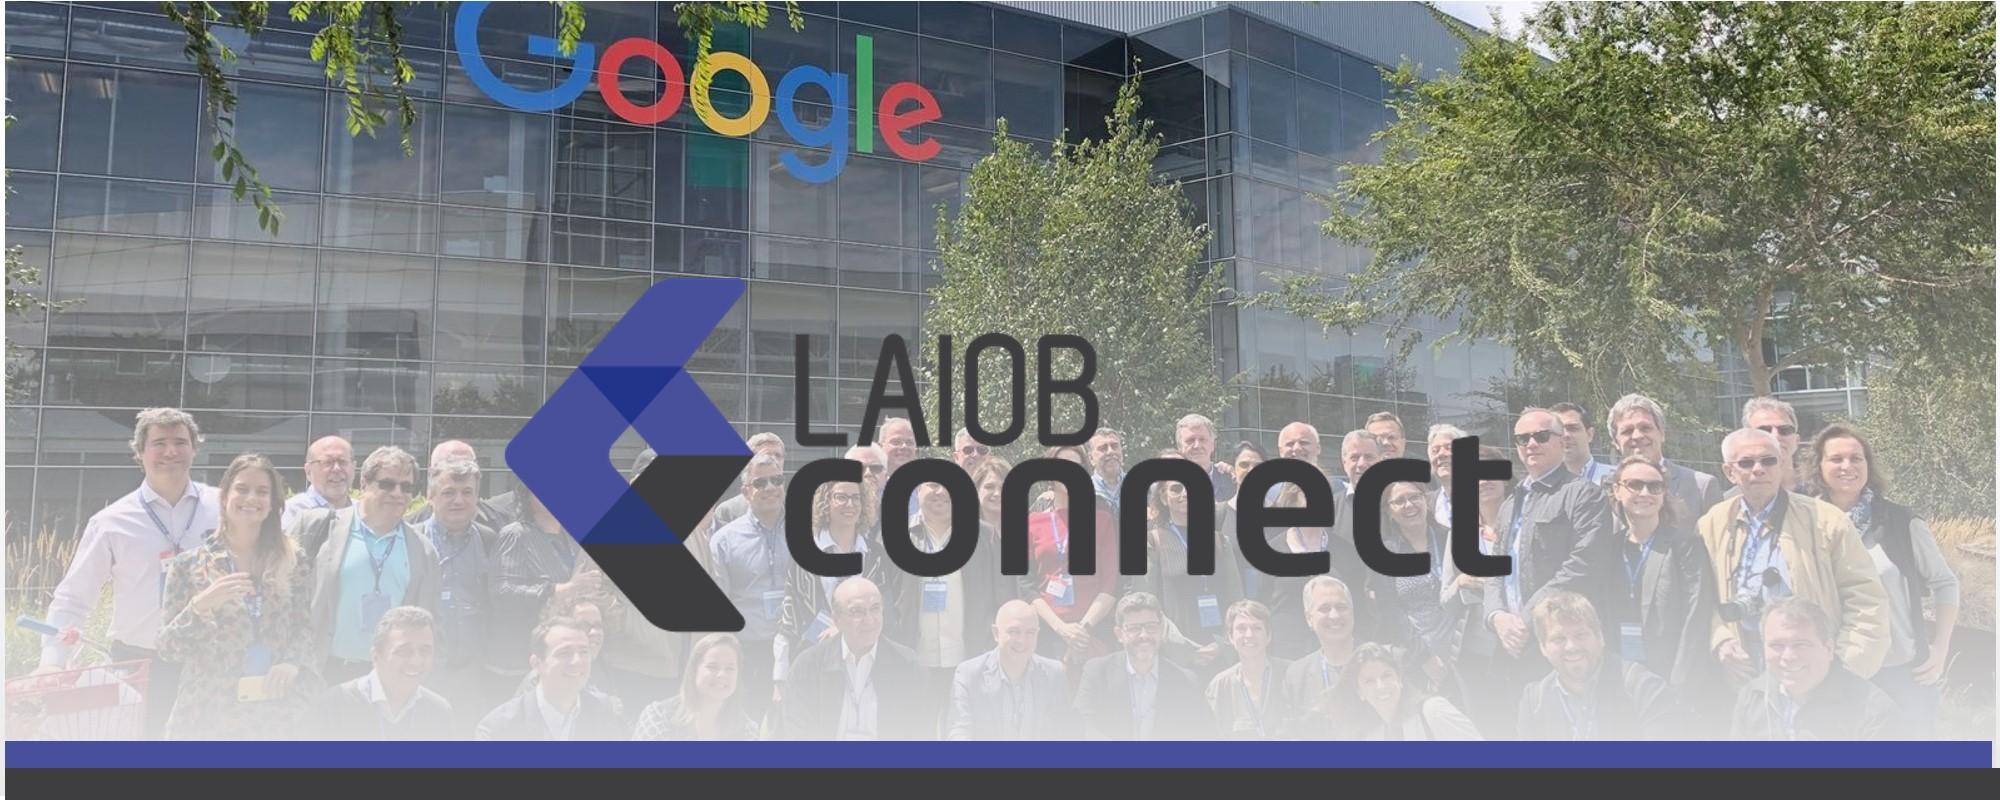 LAIOB Connect